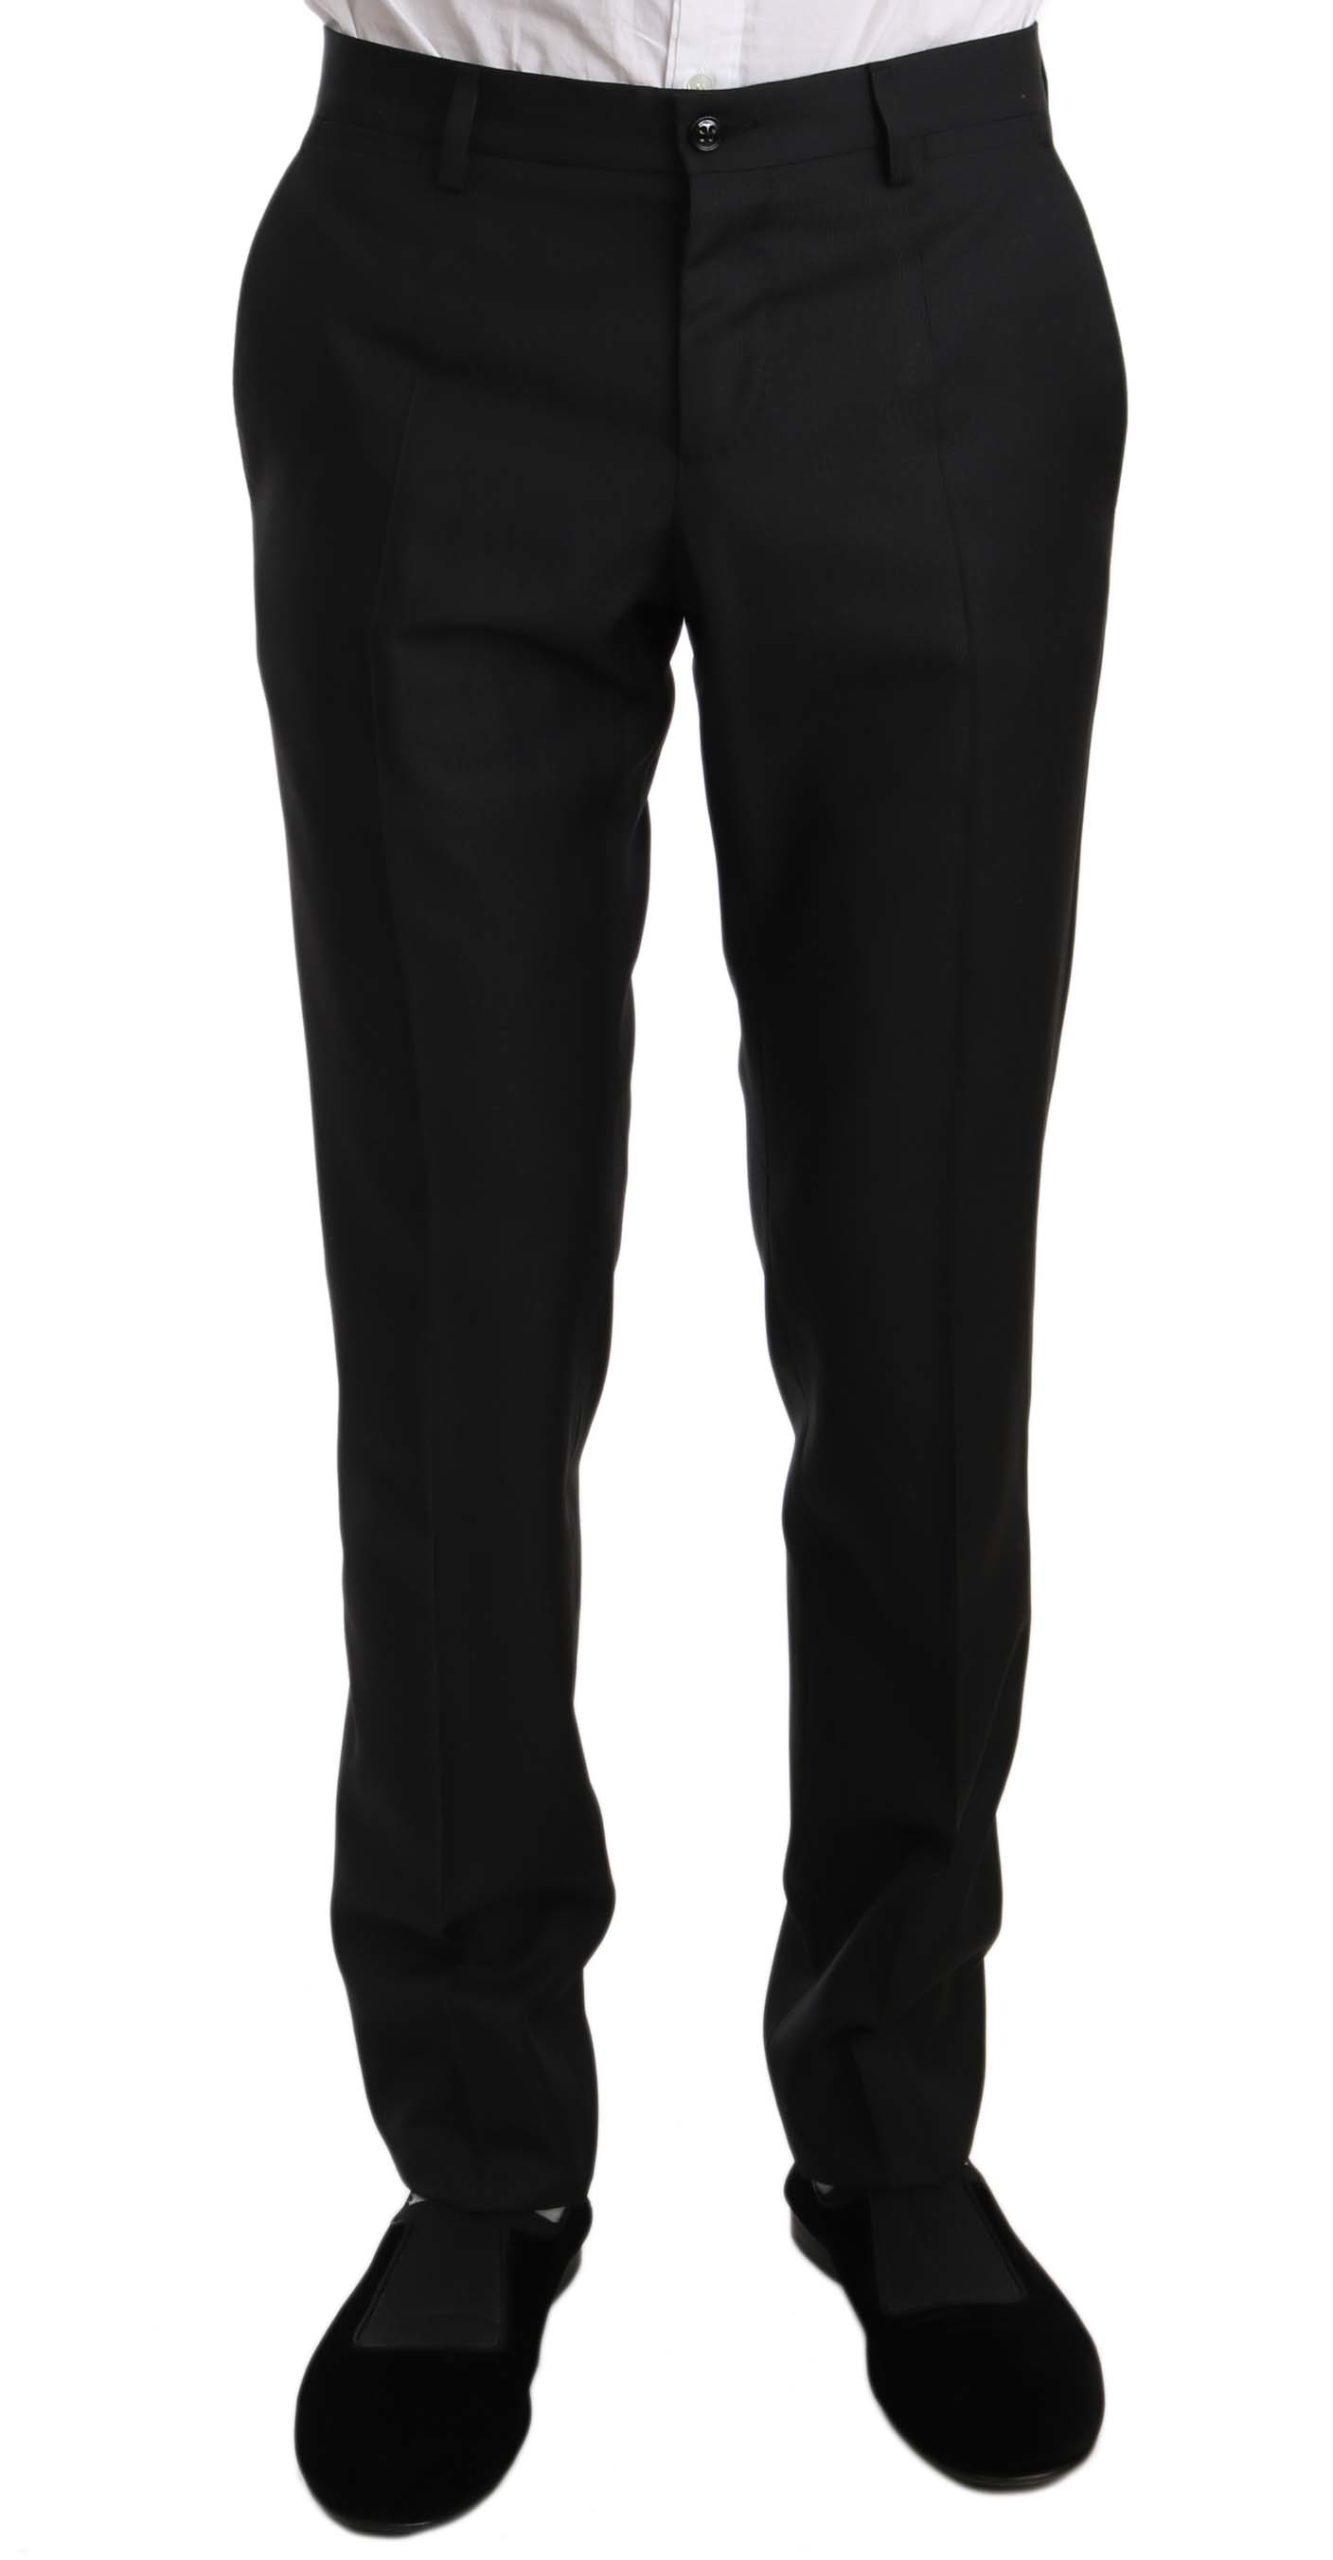 Dolce & Gabbana Men's Trousers Black PAN61124 - IT48 | M